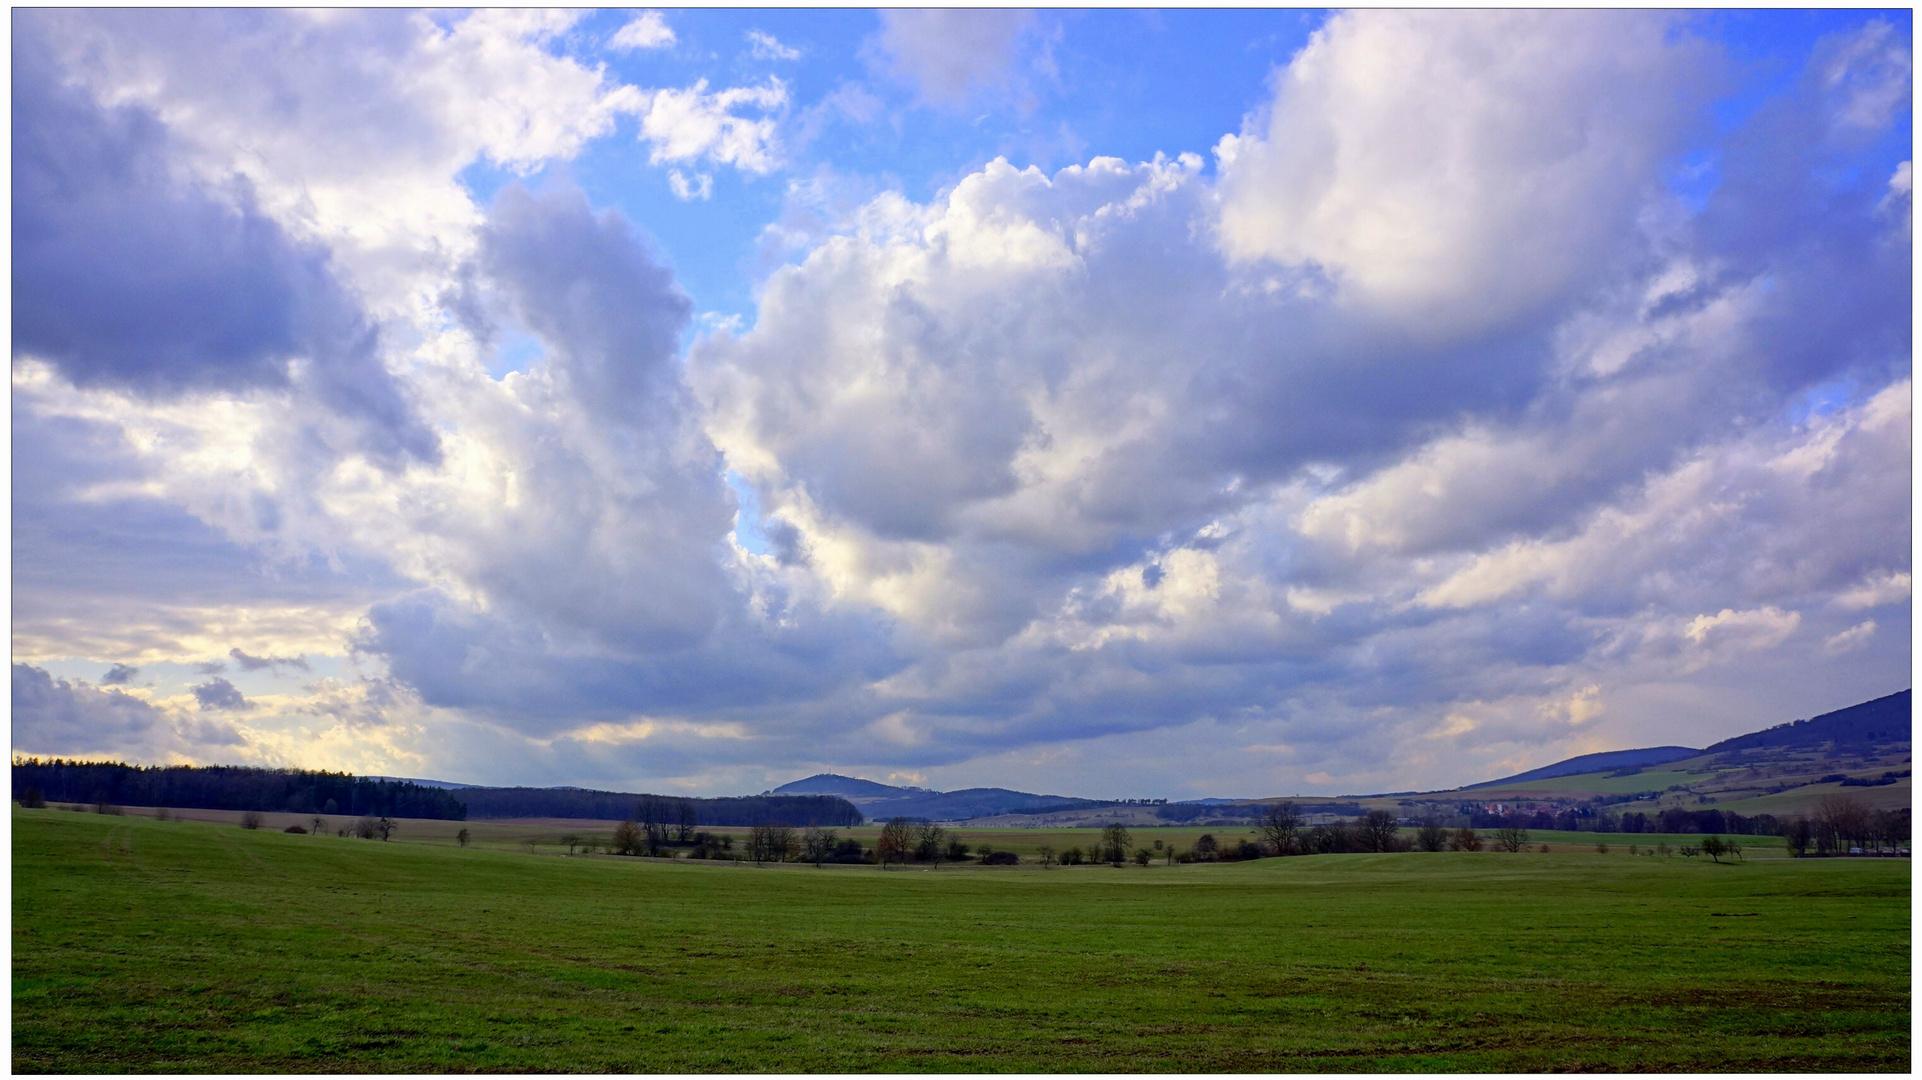 tolle Wolkenformationen III (formaciones de nubes fantásticas III)